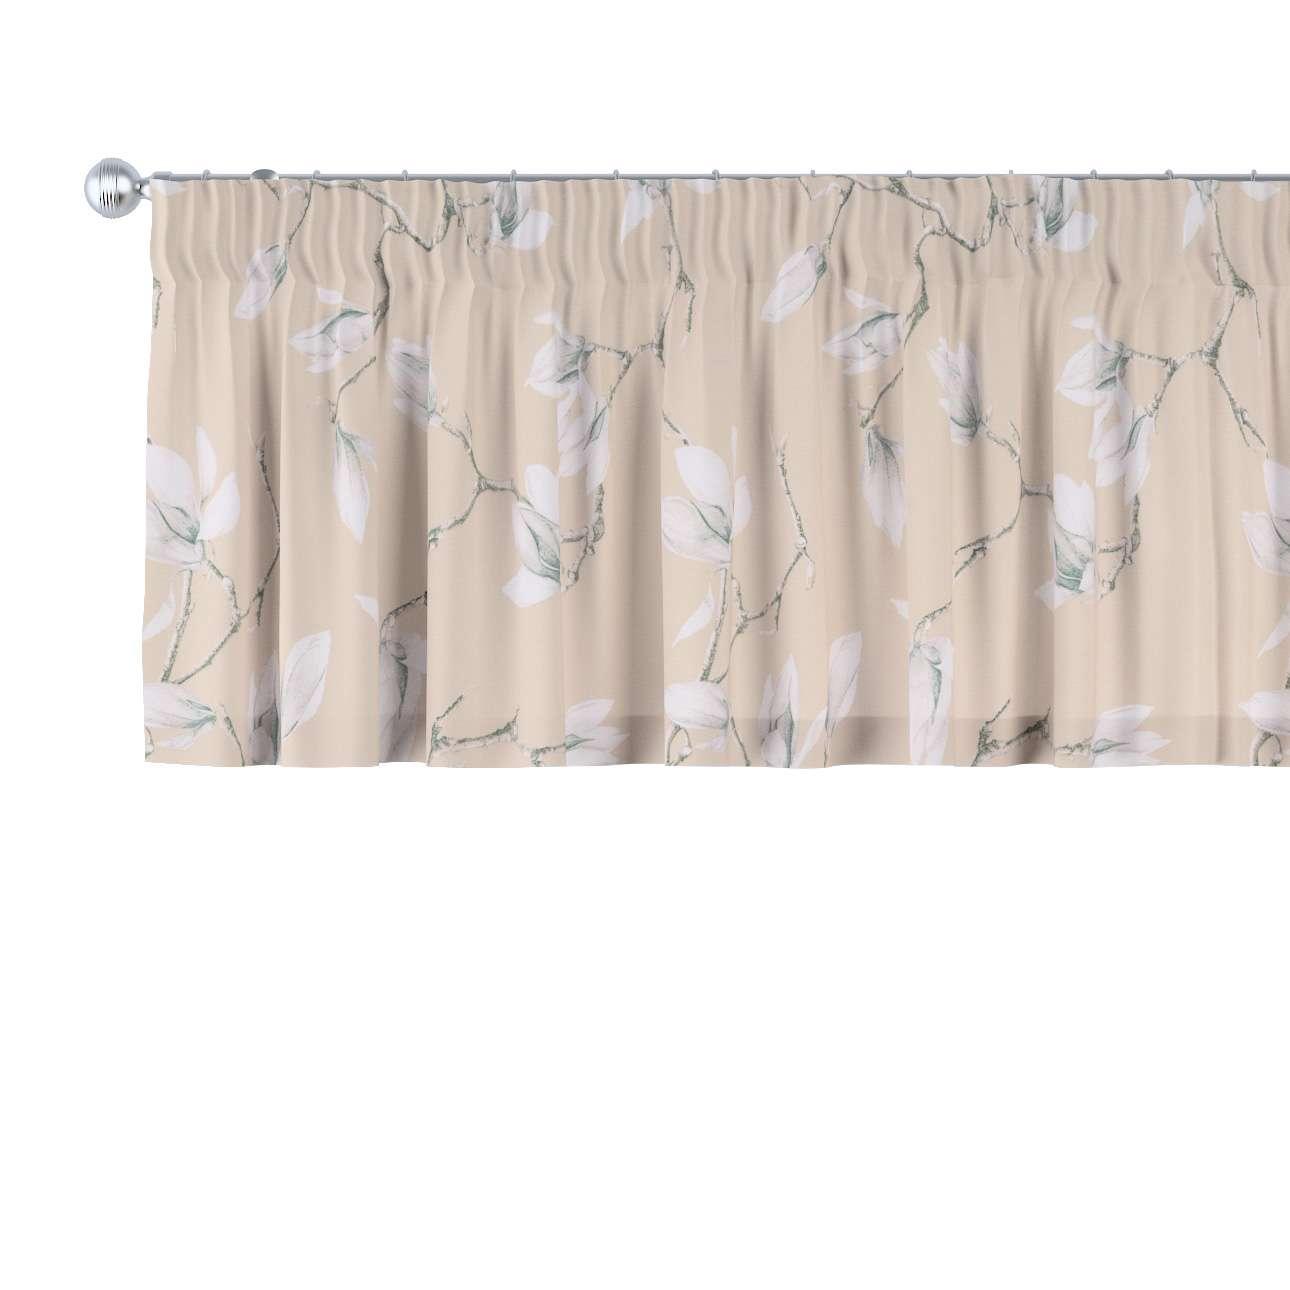 Kurzgardine mit Kräuselband 130 x 40 cm von der Kollektion Flowers/Luna, Stoff: 311-12